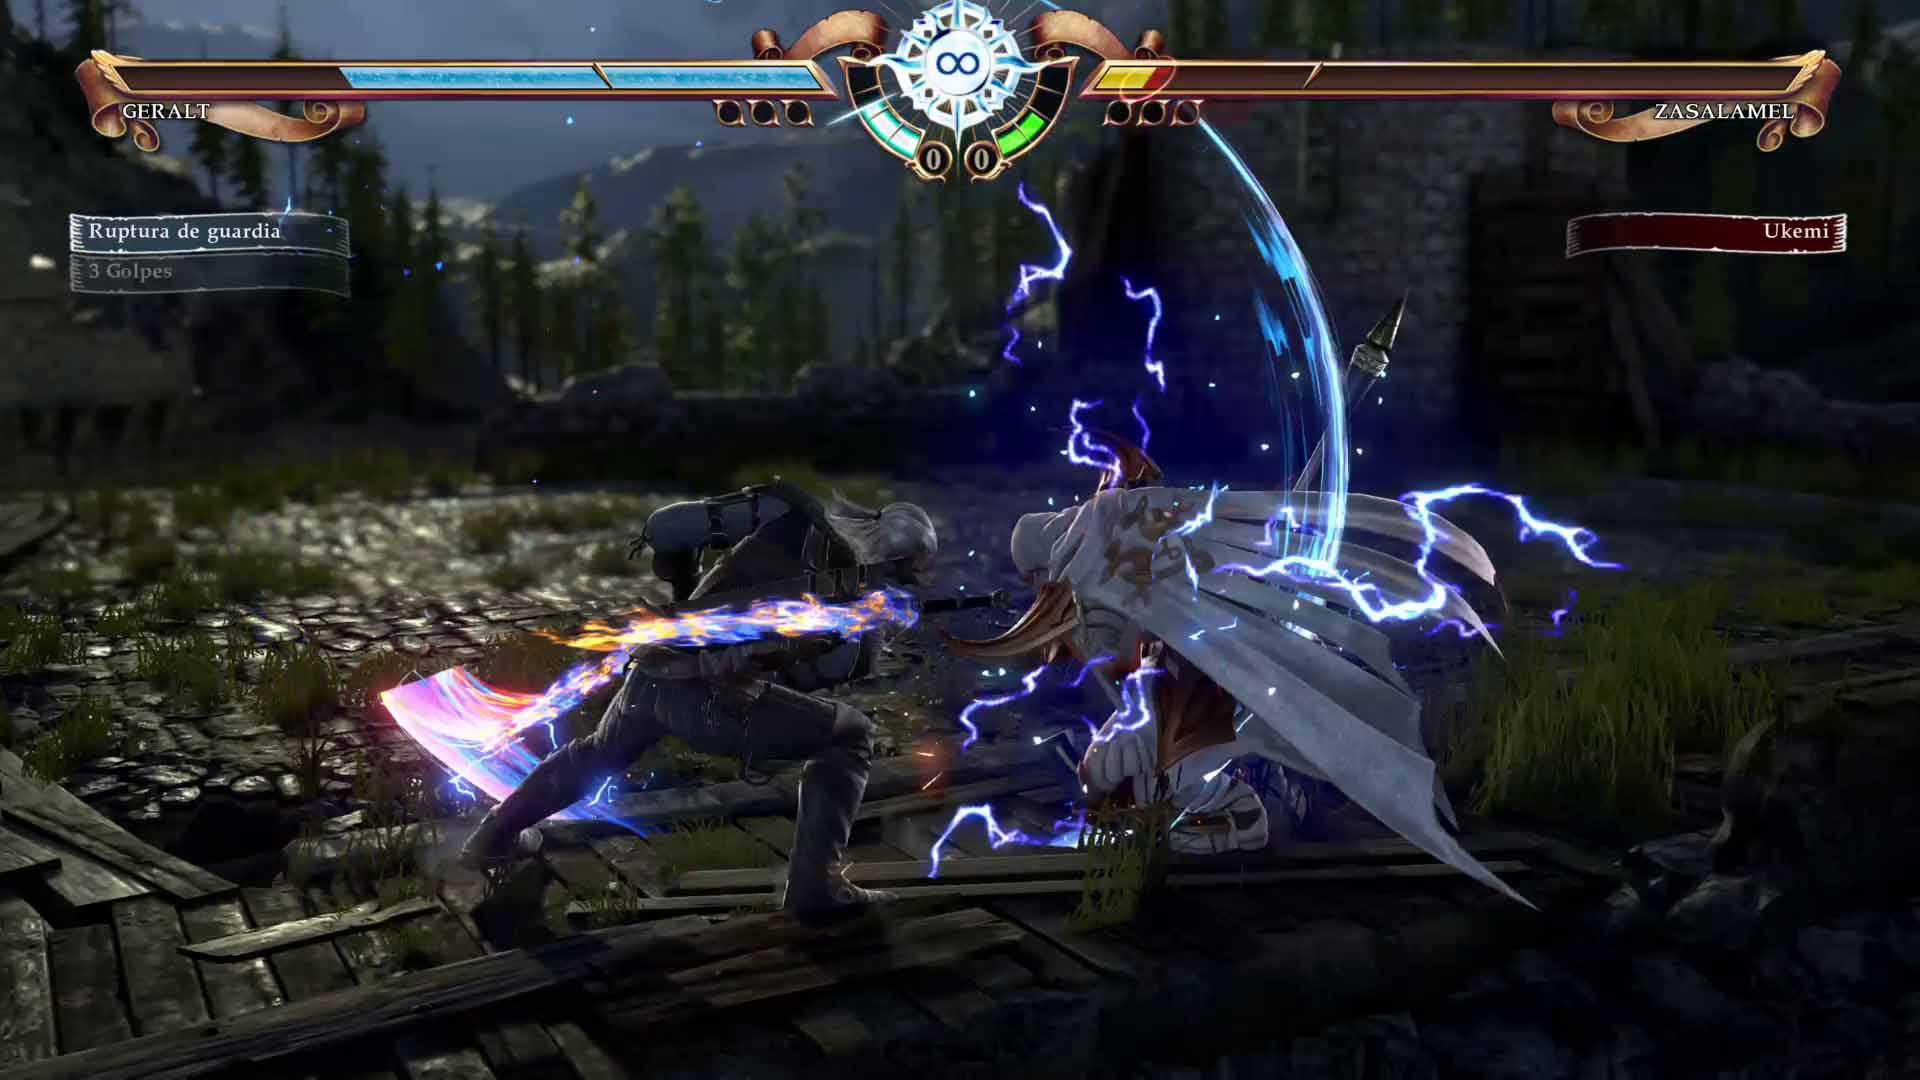 Análisis de SoulCalibur VI - Xbox One 9